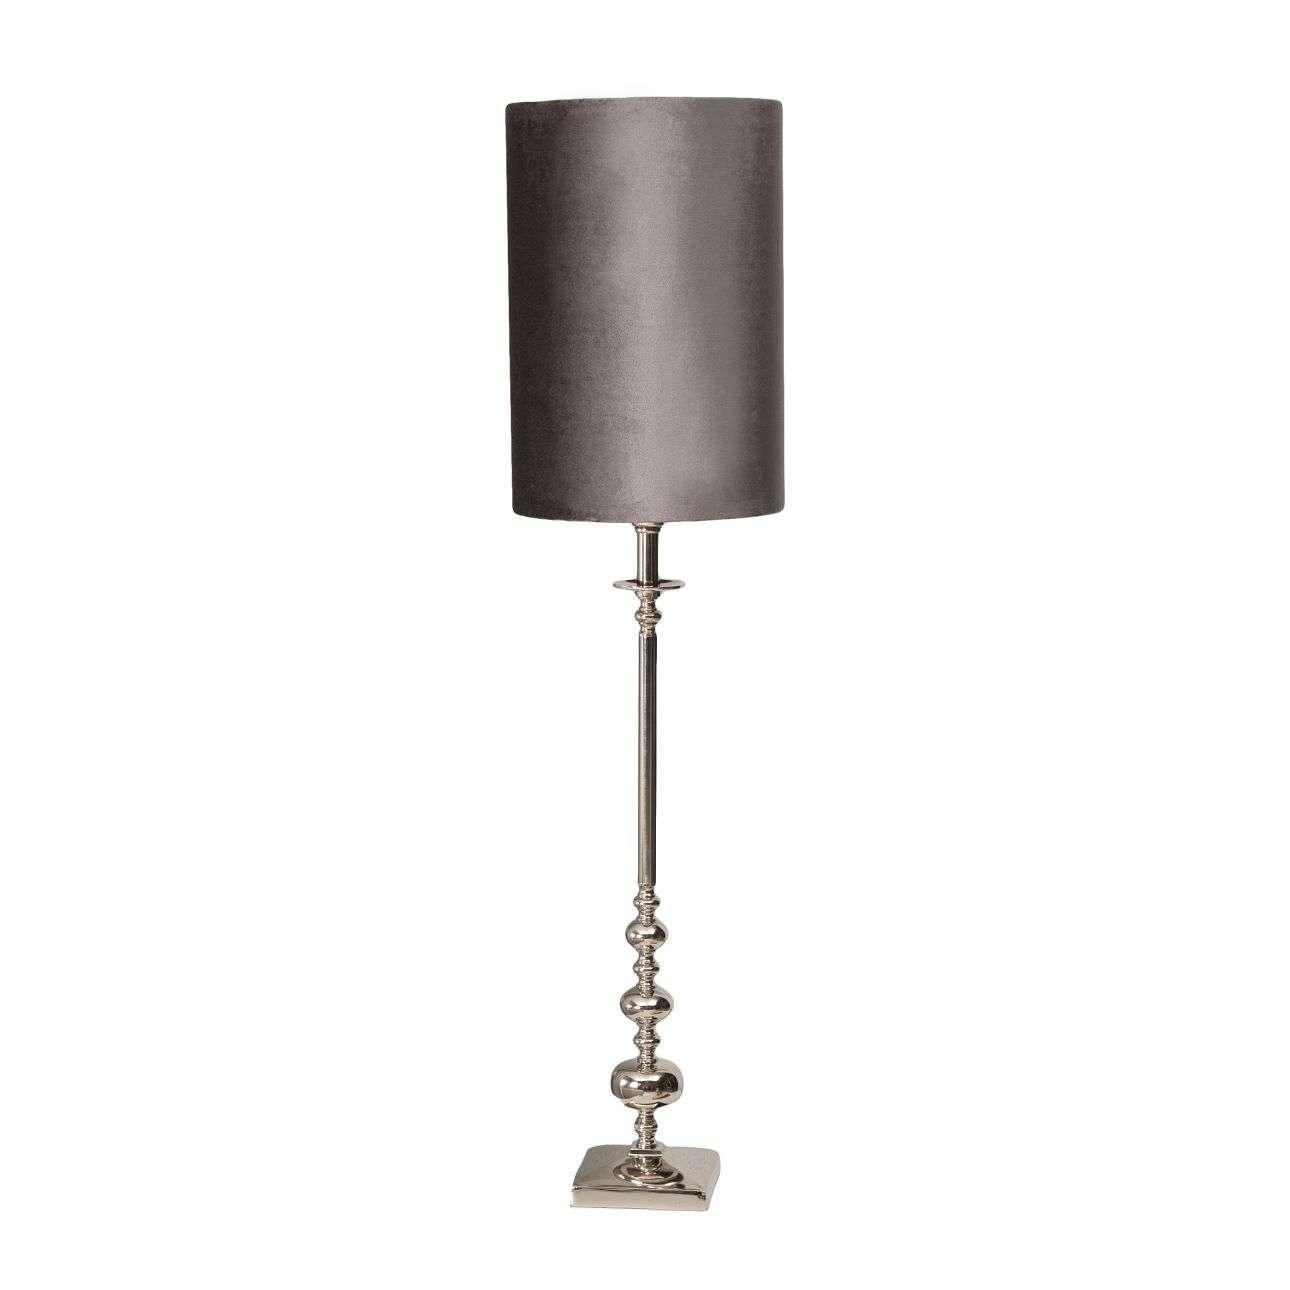 Lampa stołowa Cara wys. 101cm  29,5x29,5x71,5cm